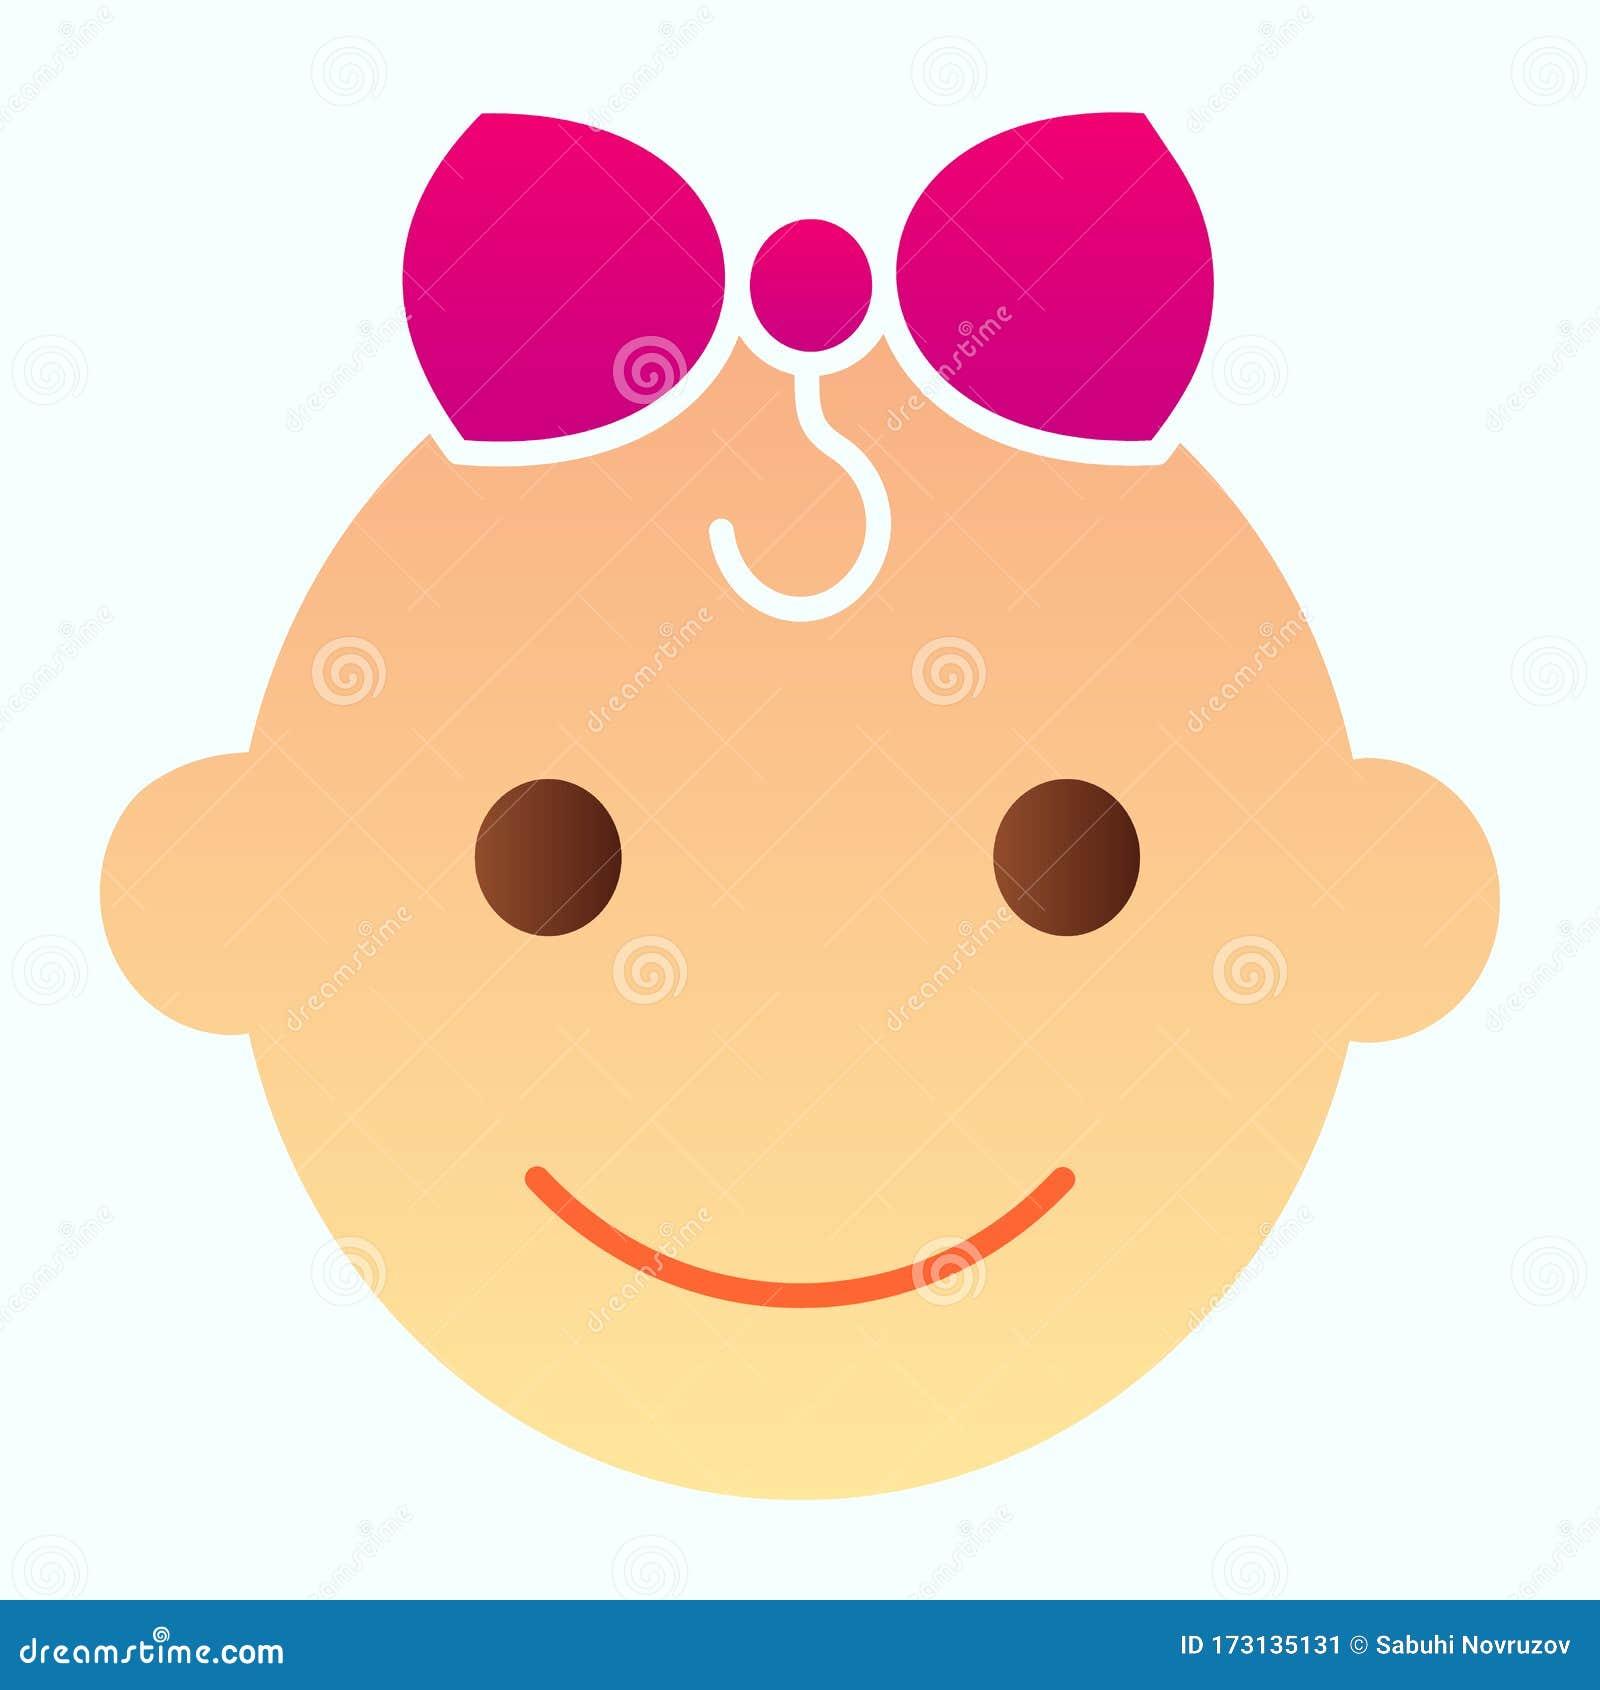 Cartoon Happy Tiny Baby Pea Character Isolated On White